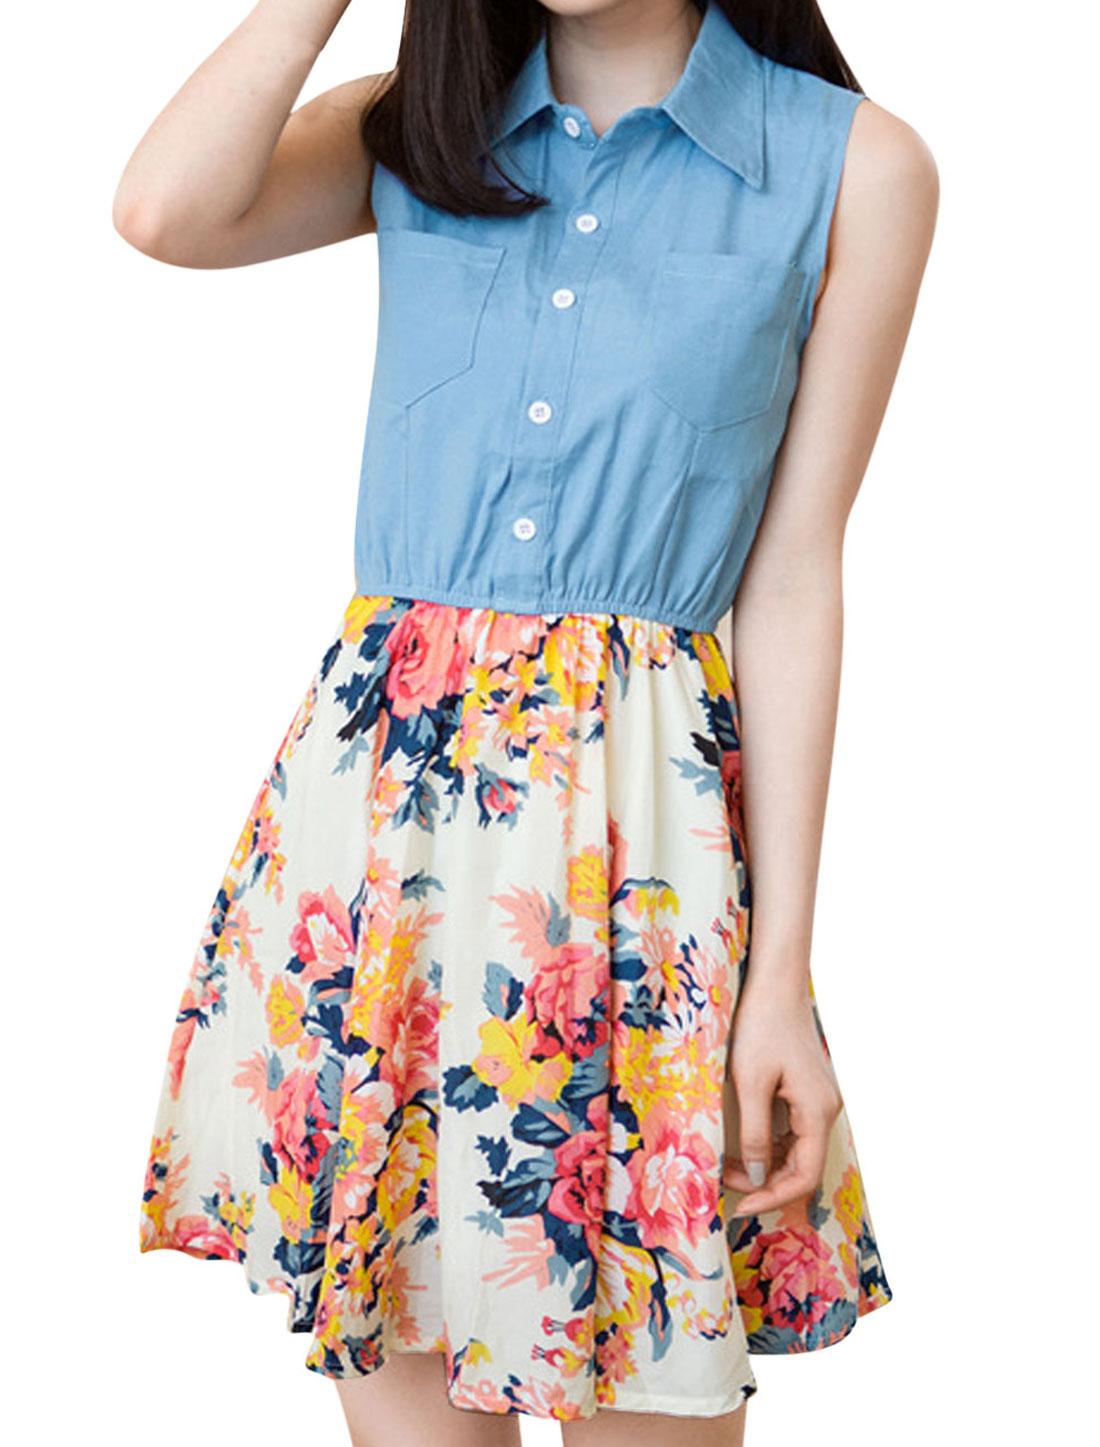 Women 1/2 Placket Floral Prints Panel Design Shirt Dress Multicolor XS